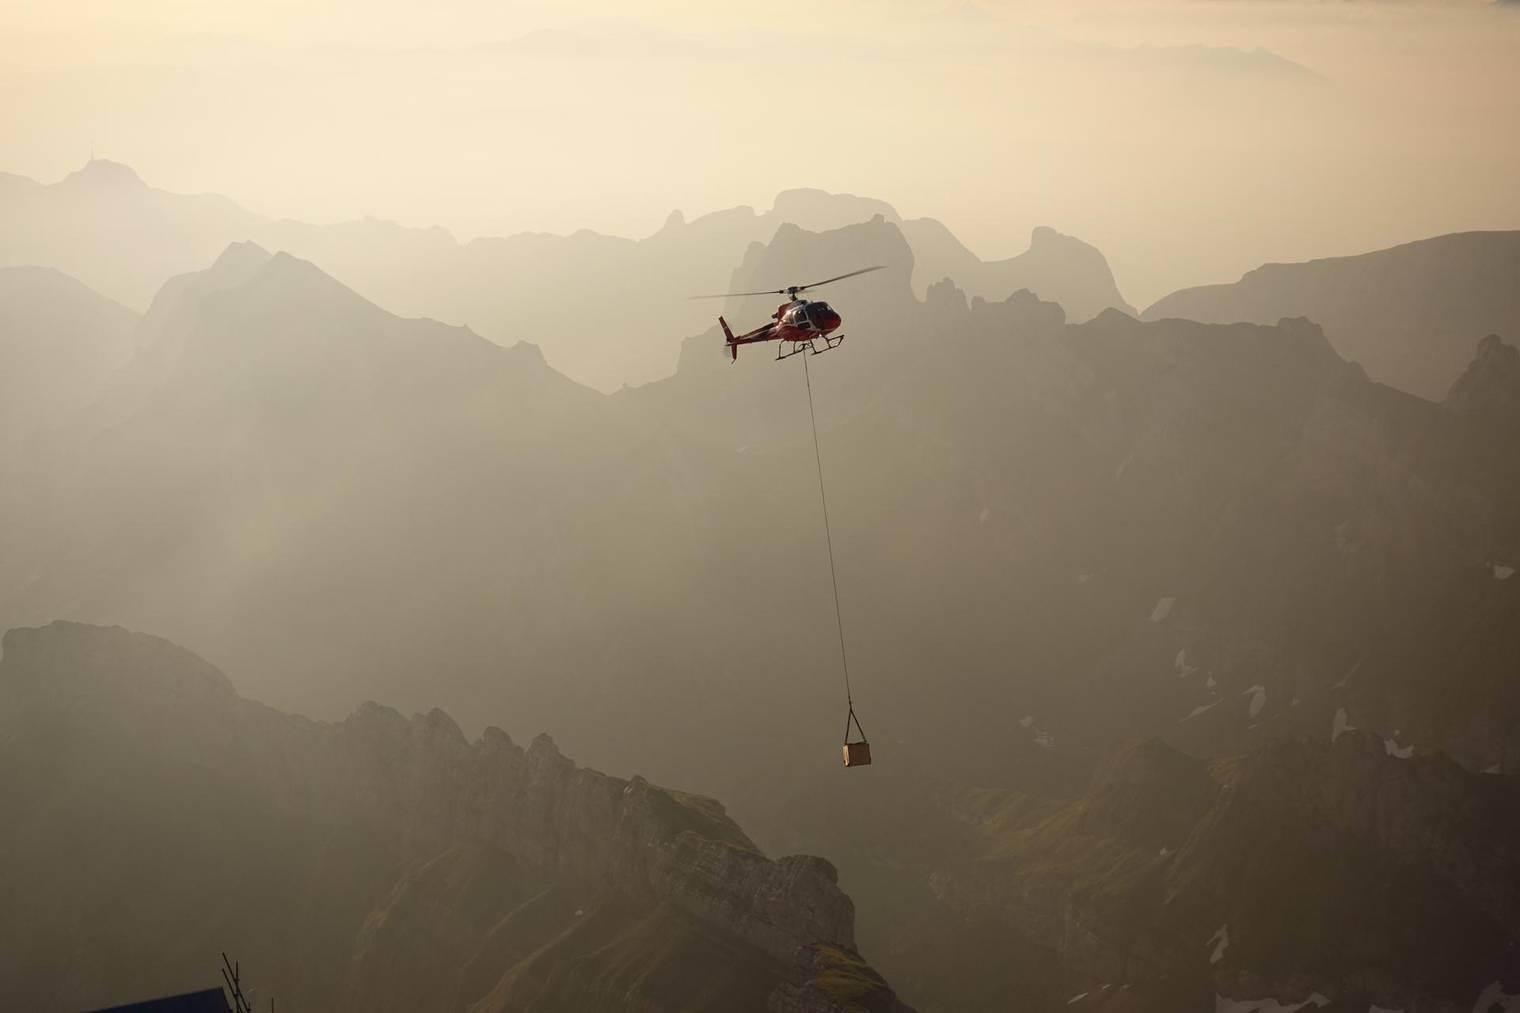 Per Helikopter wurden die Bauteile angeflogen. (Bild: zVg)